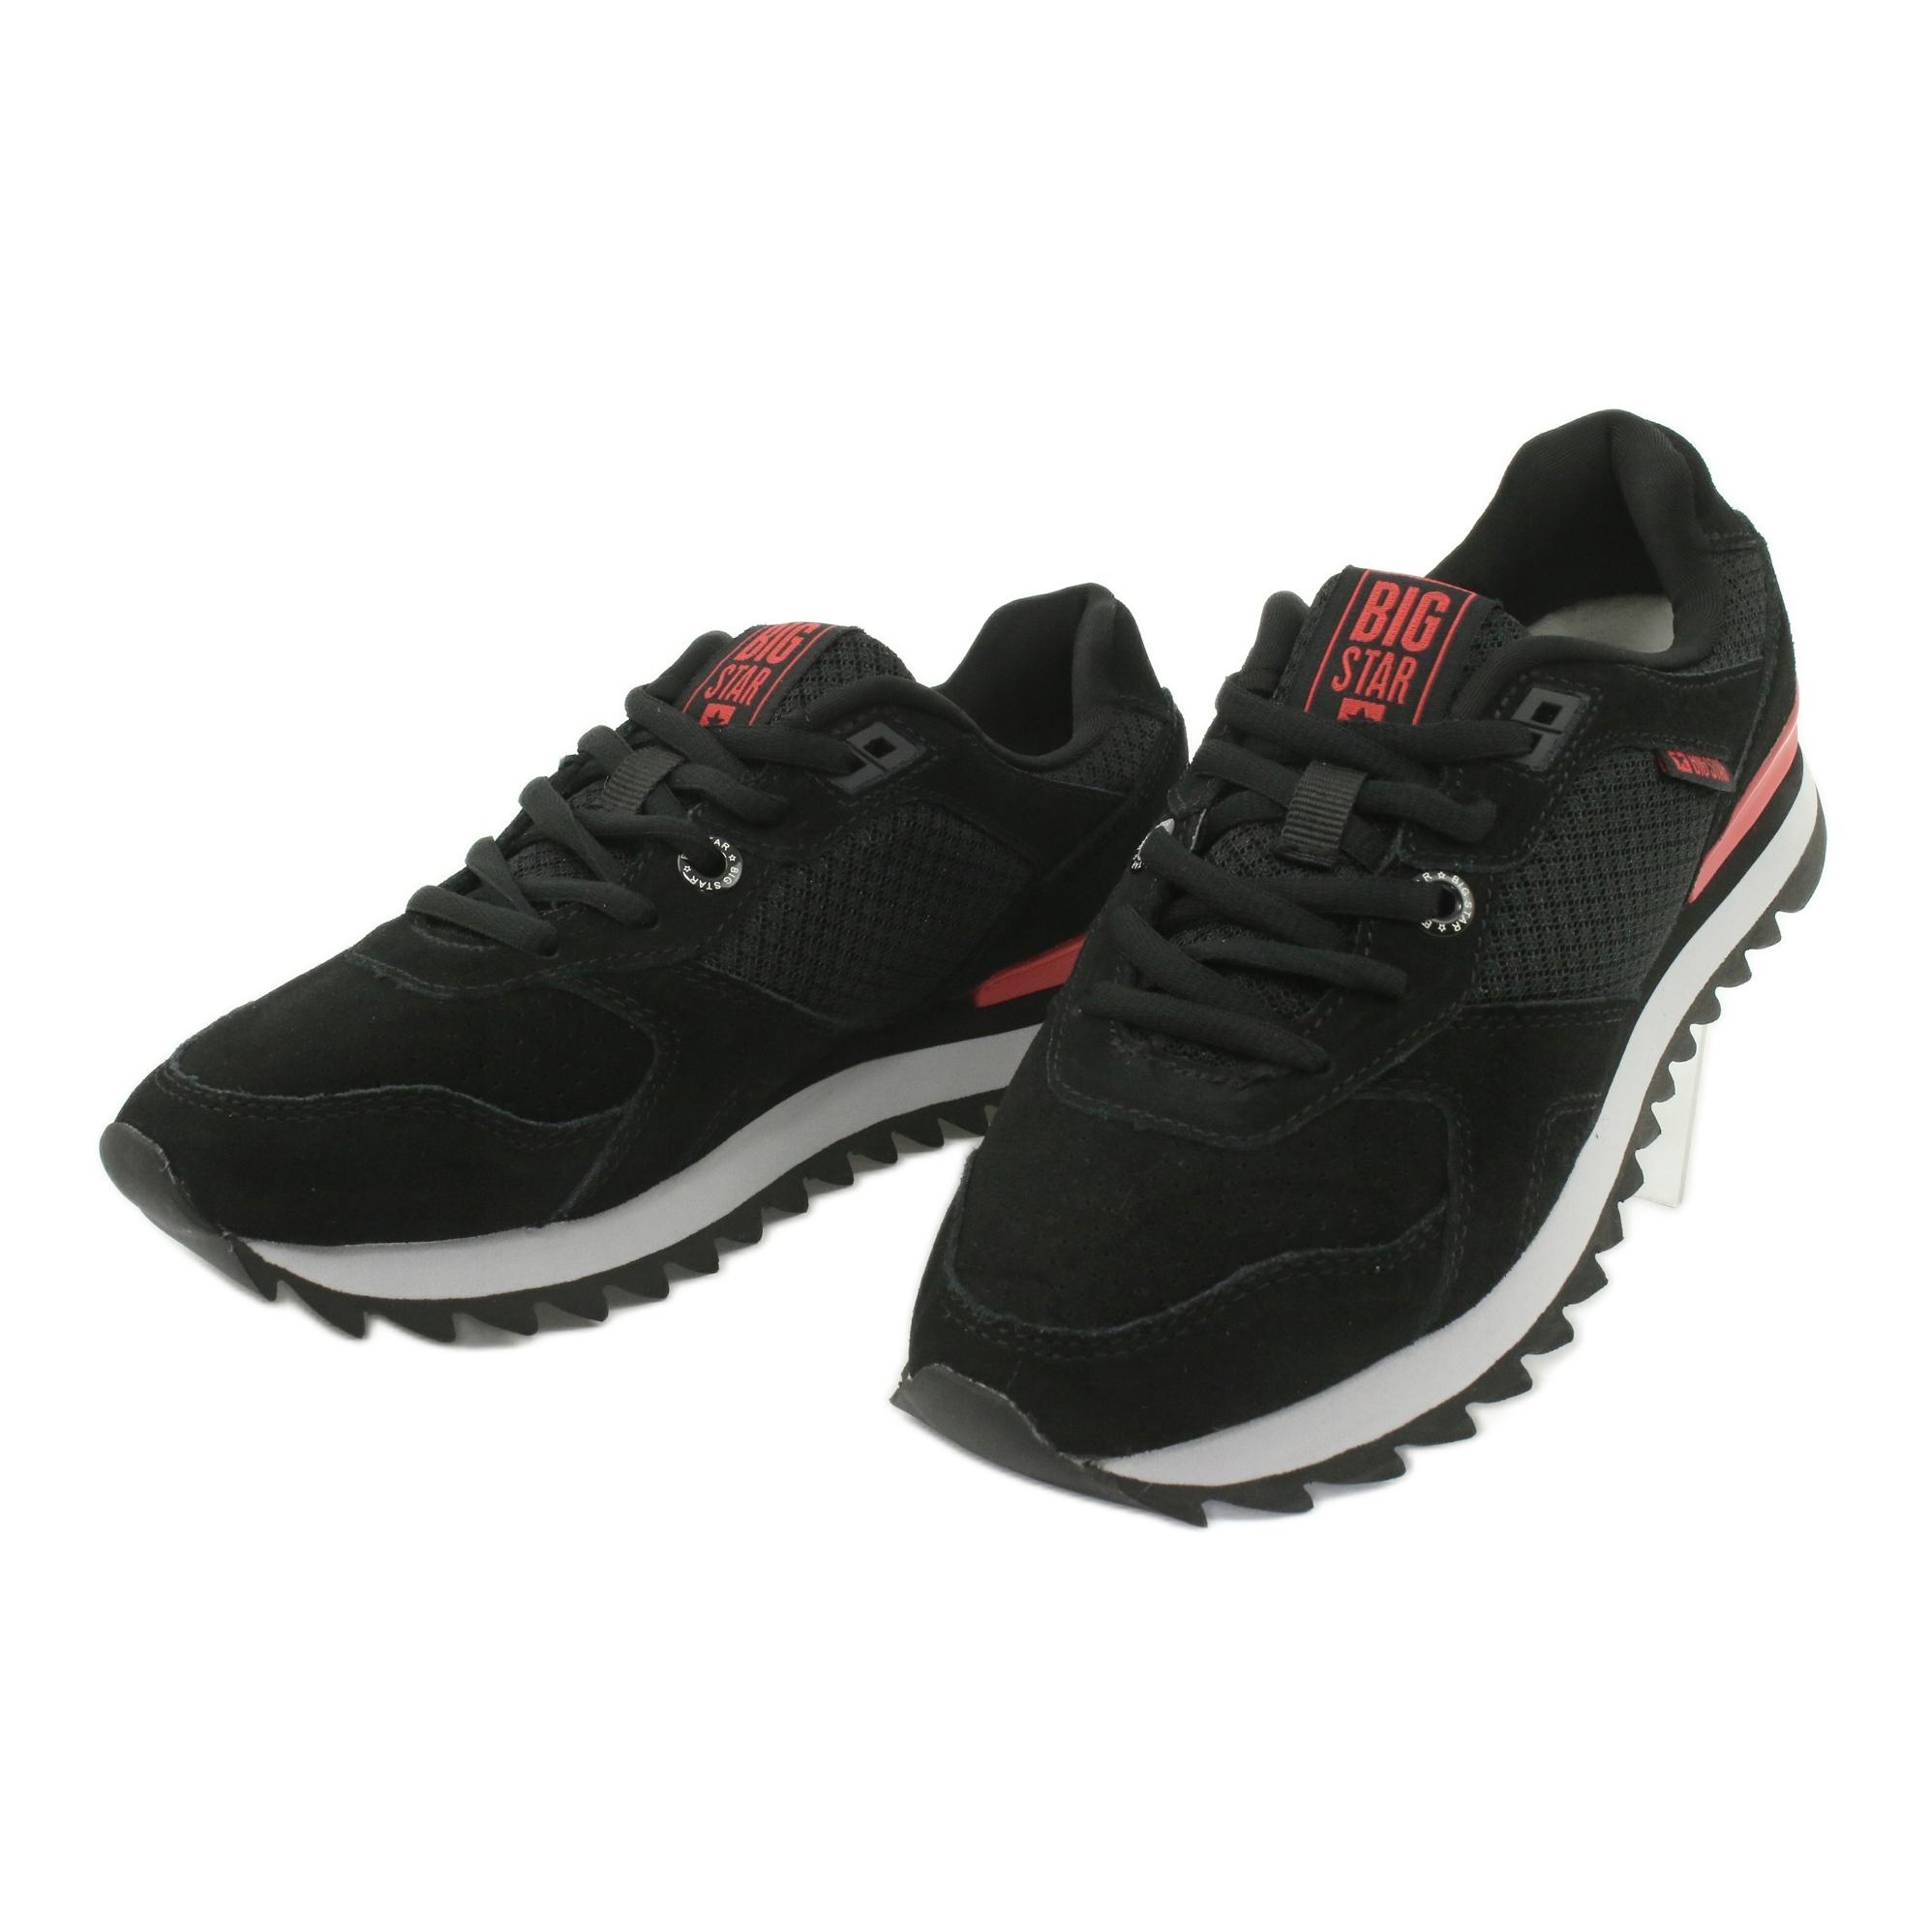 miniature 3 - Chaussures de sport BIG STAR GG274524 noir rouge